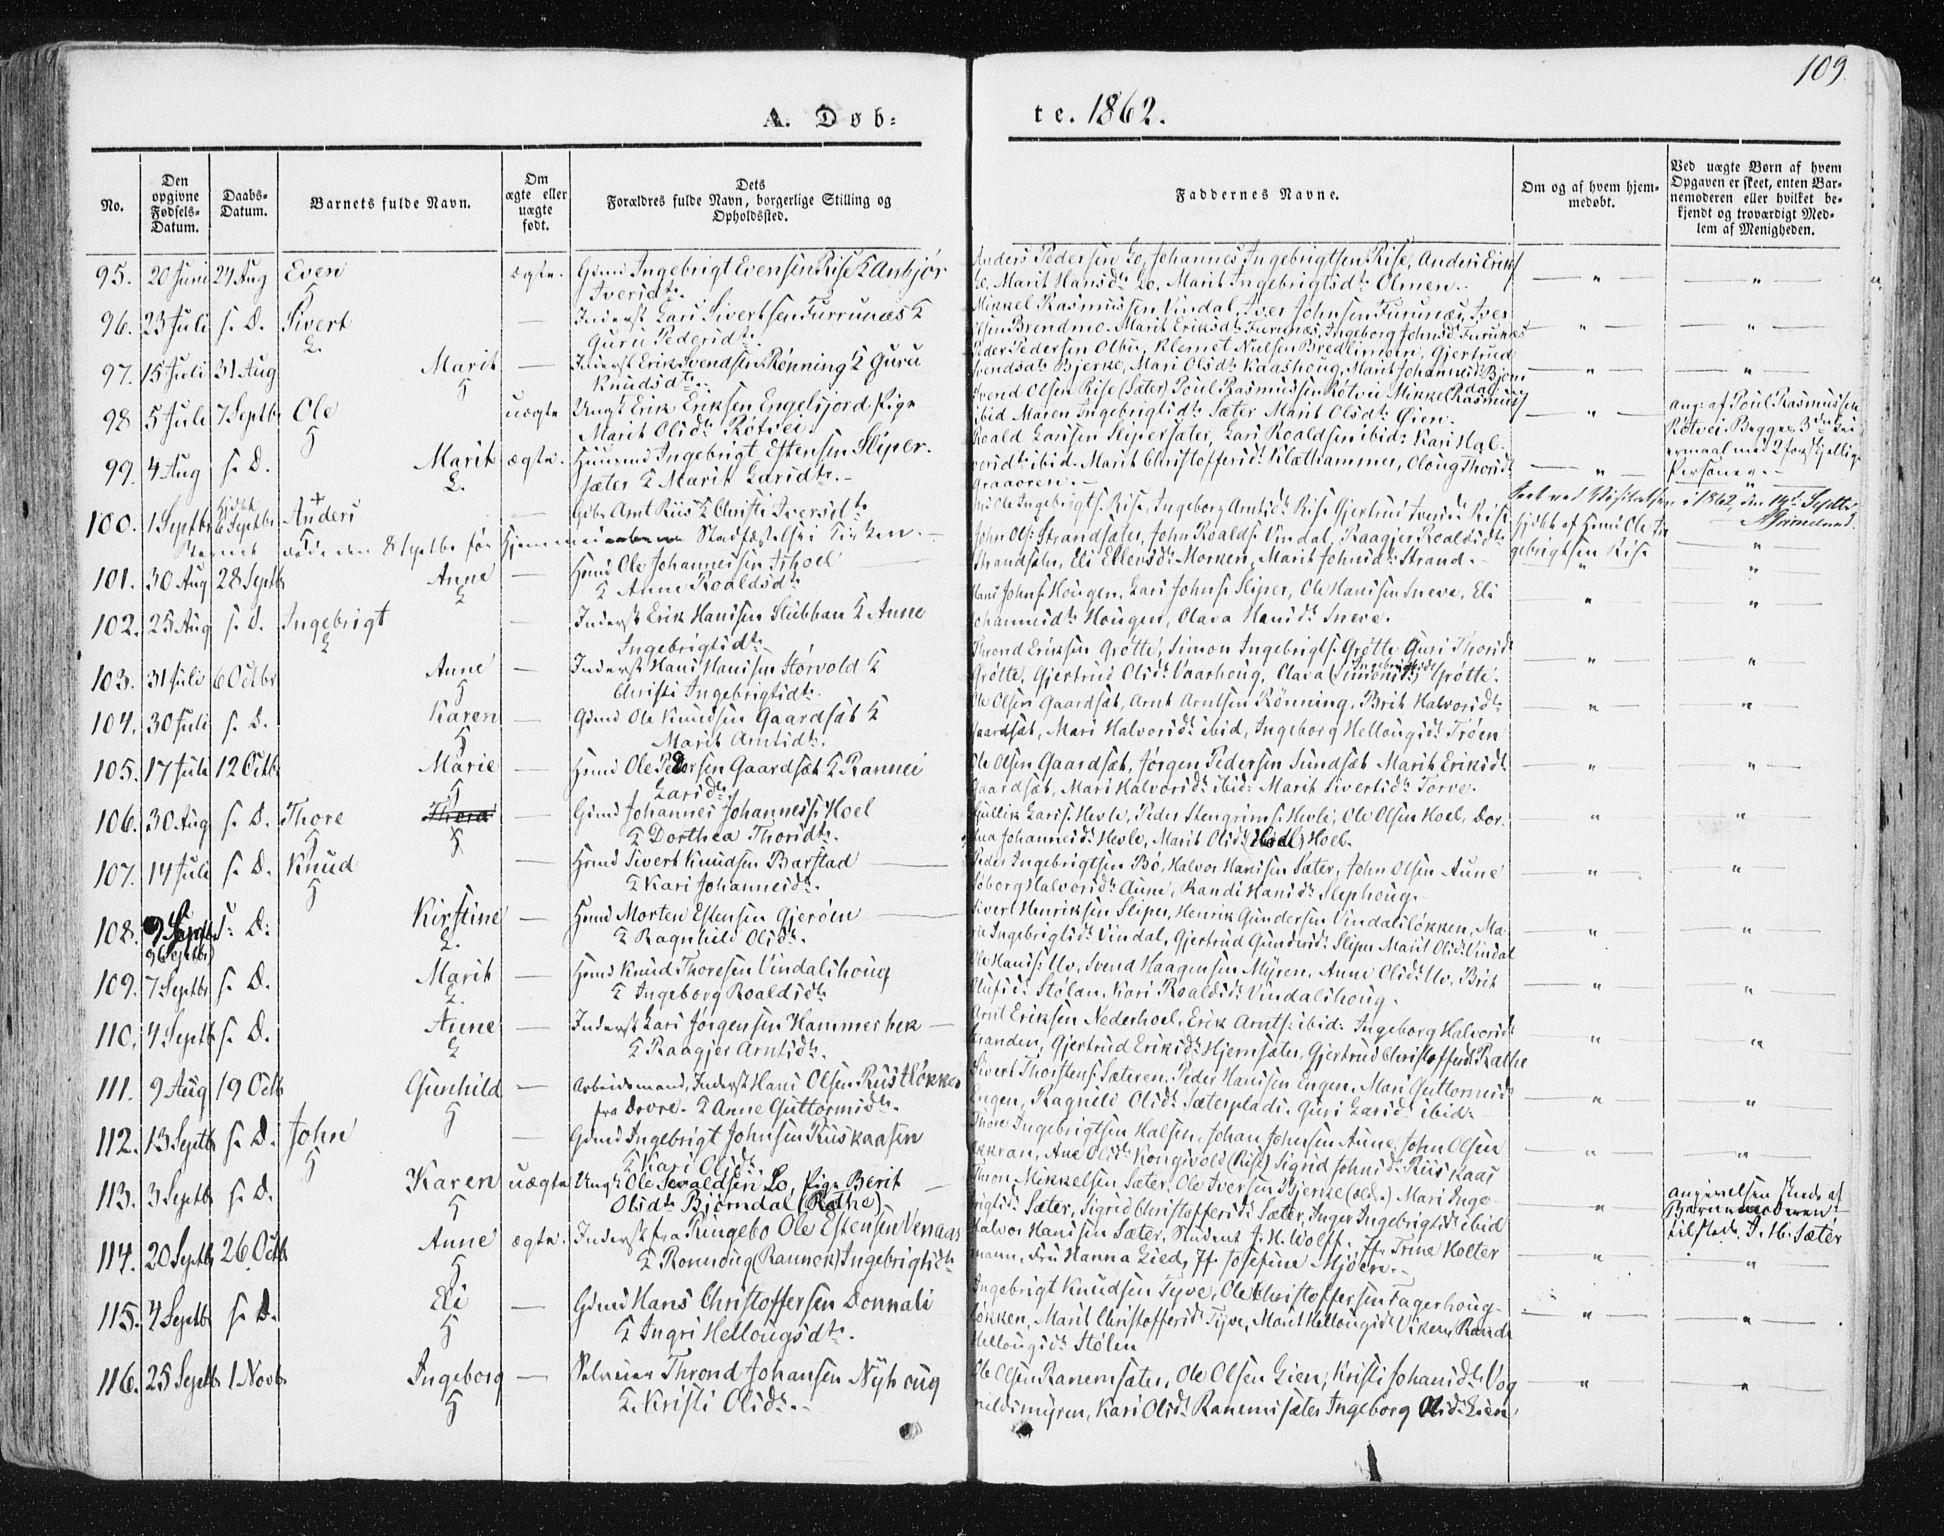 SAT, Ministerialprotokoller, klokkerbøker og fødselsregistre - Sør-Trøndelag, 678/L0899: Ministerialbok nr. 678A08, 1848-1872, s. 109